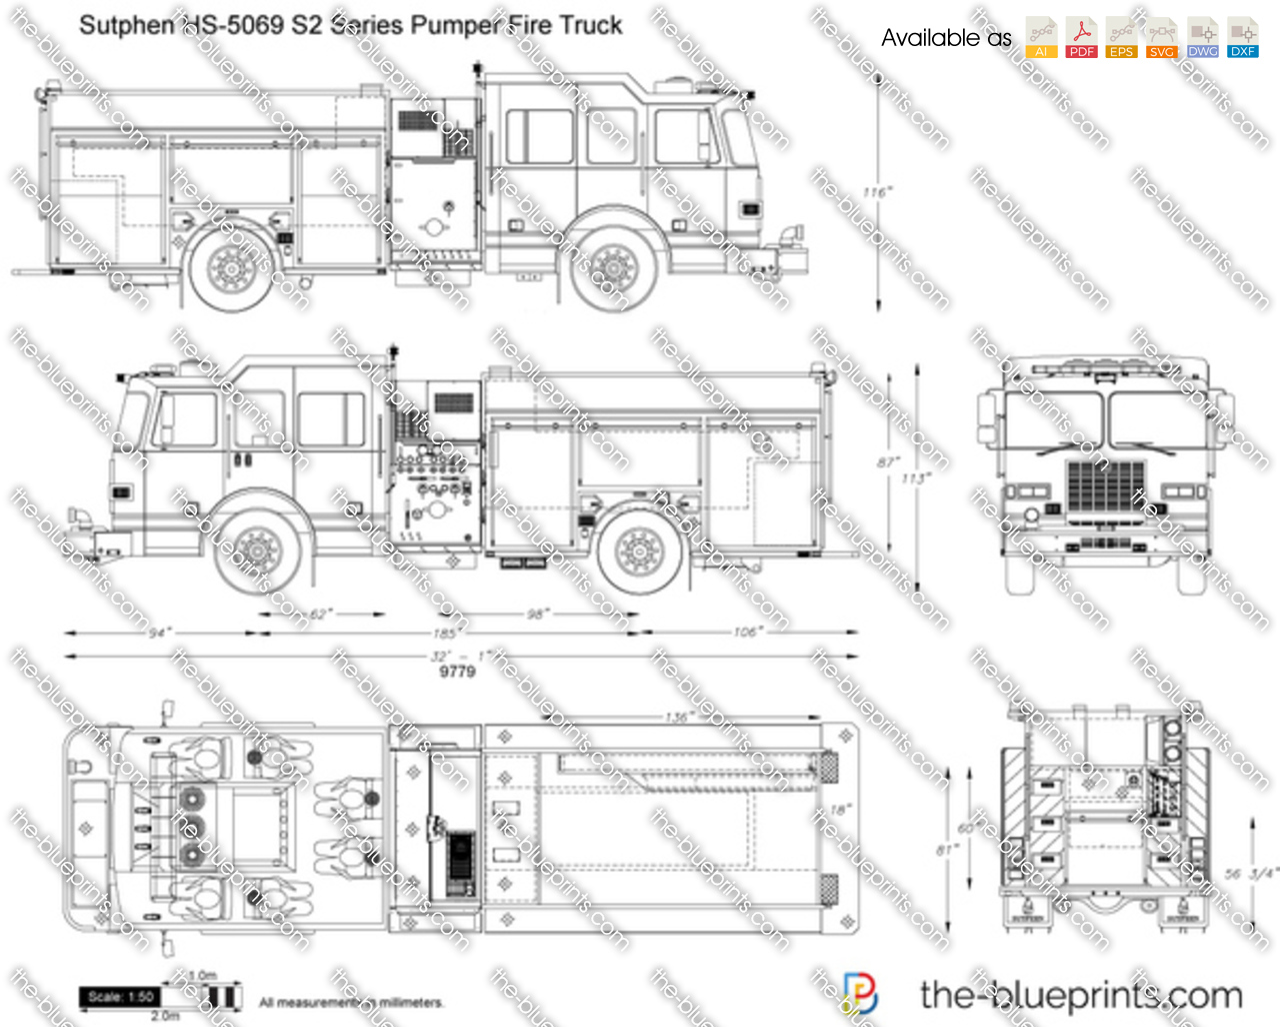 Sutphen HS-5069 S2 Series Pumper Fire Truck